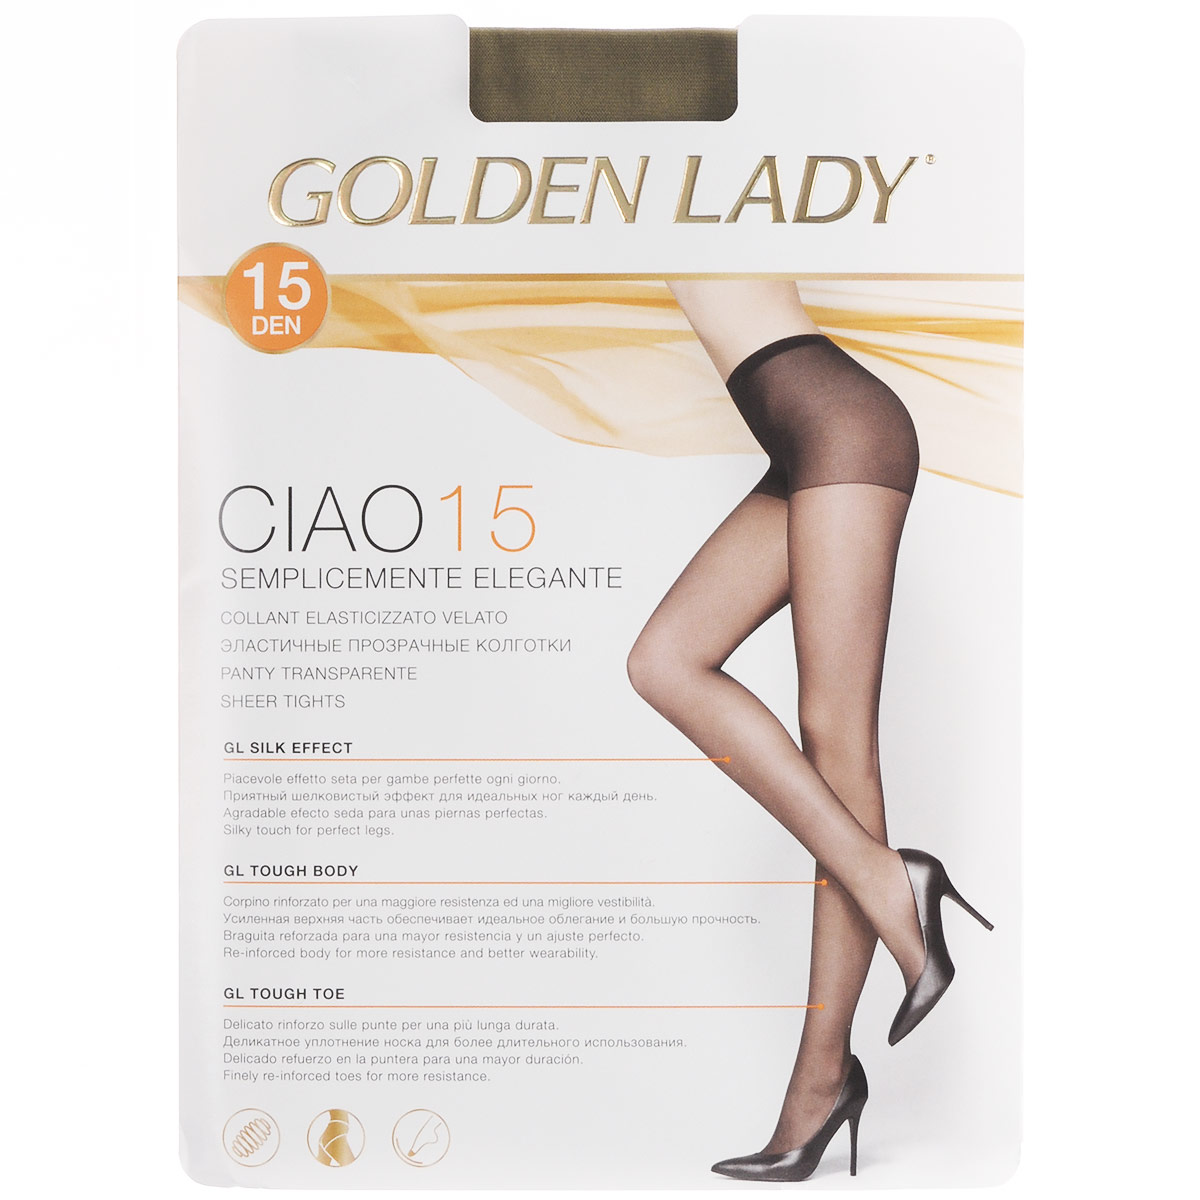 Колготки женские Golden Lady Ciao 15, цвет: Melon (телесный). 36N-UR. Размер 3 (M) golden lina колготки оптом